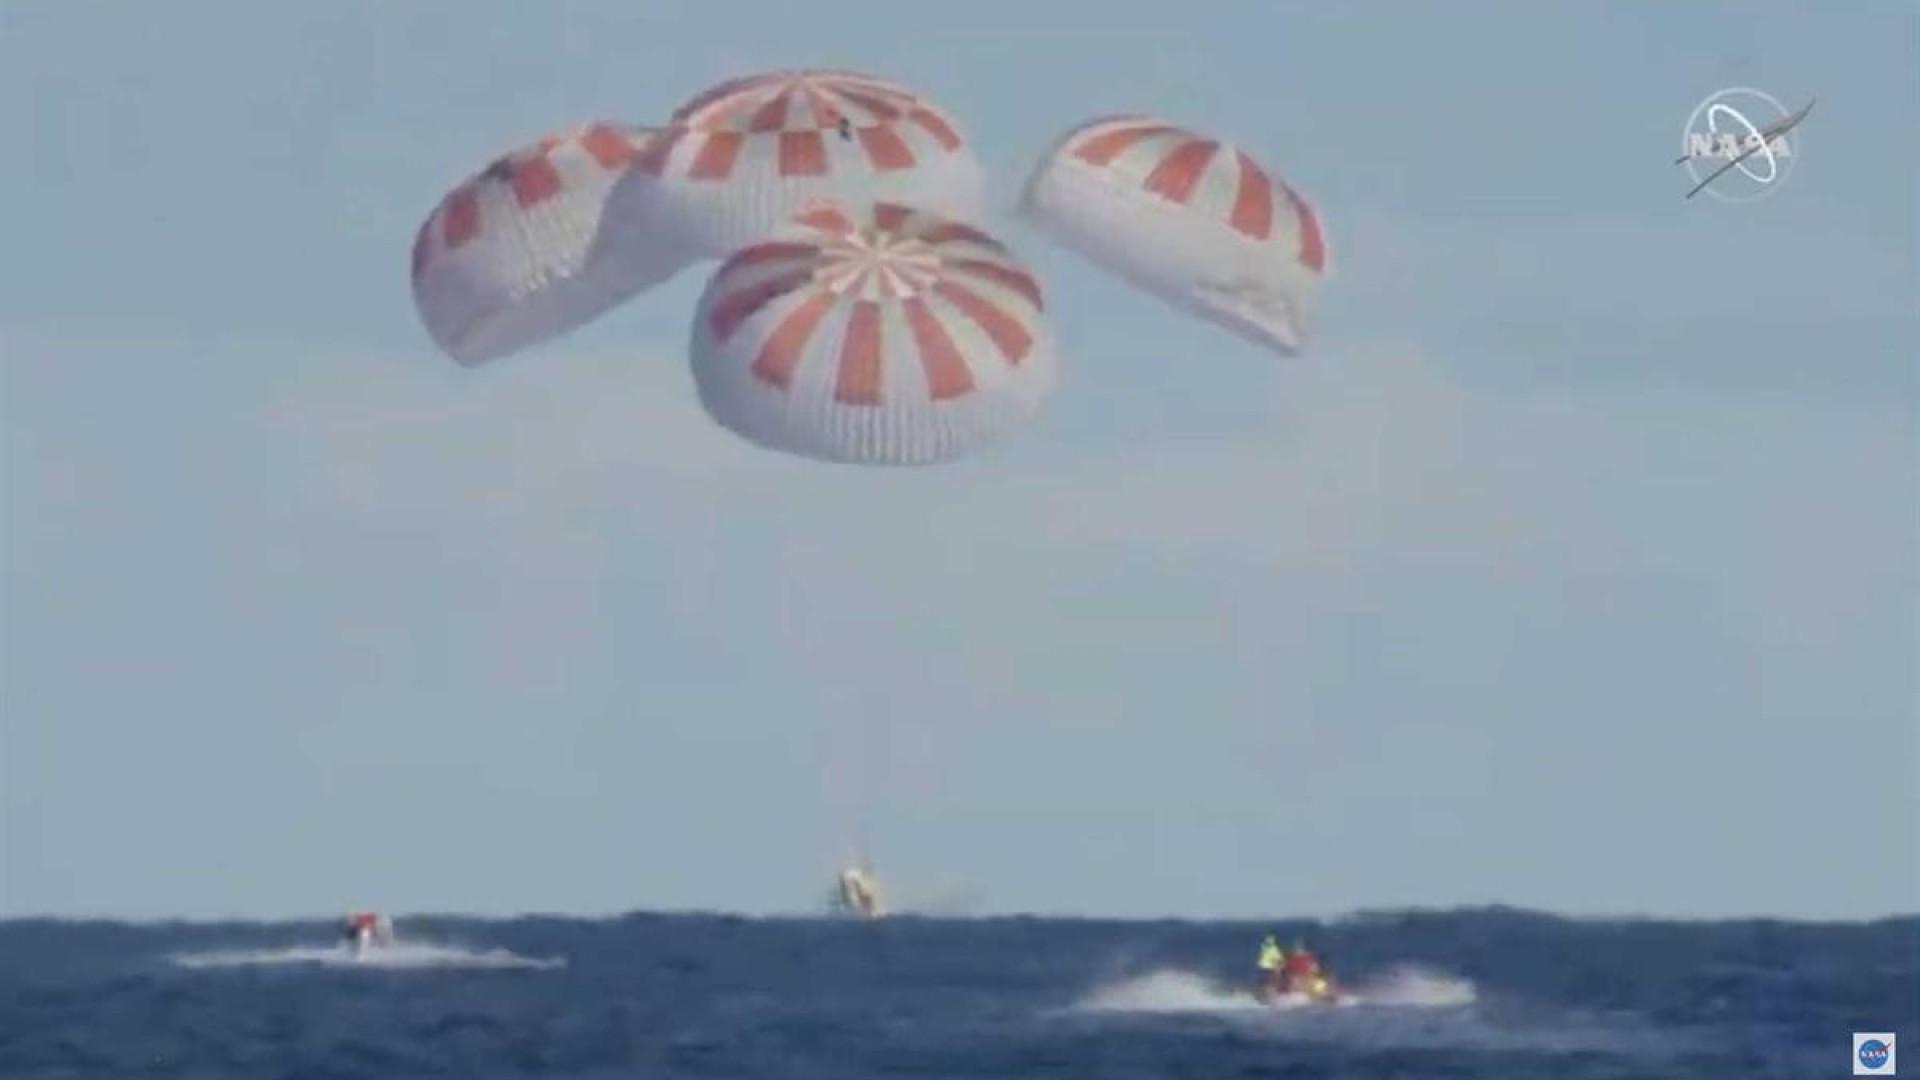 Cápsula da SpaceX aterrissa com sucesso na Terra